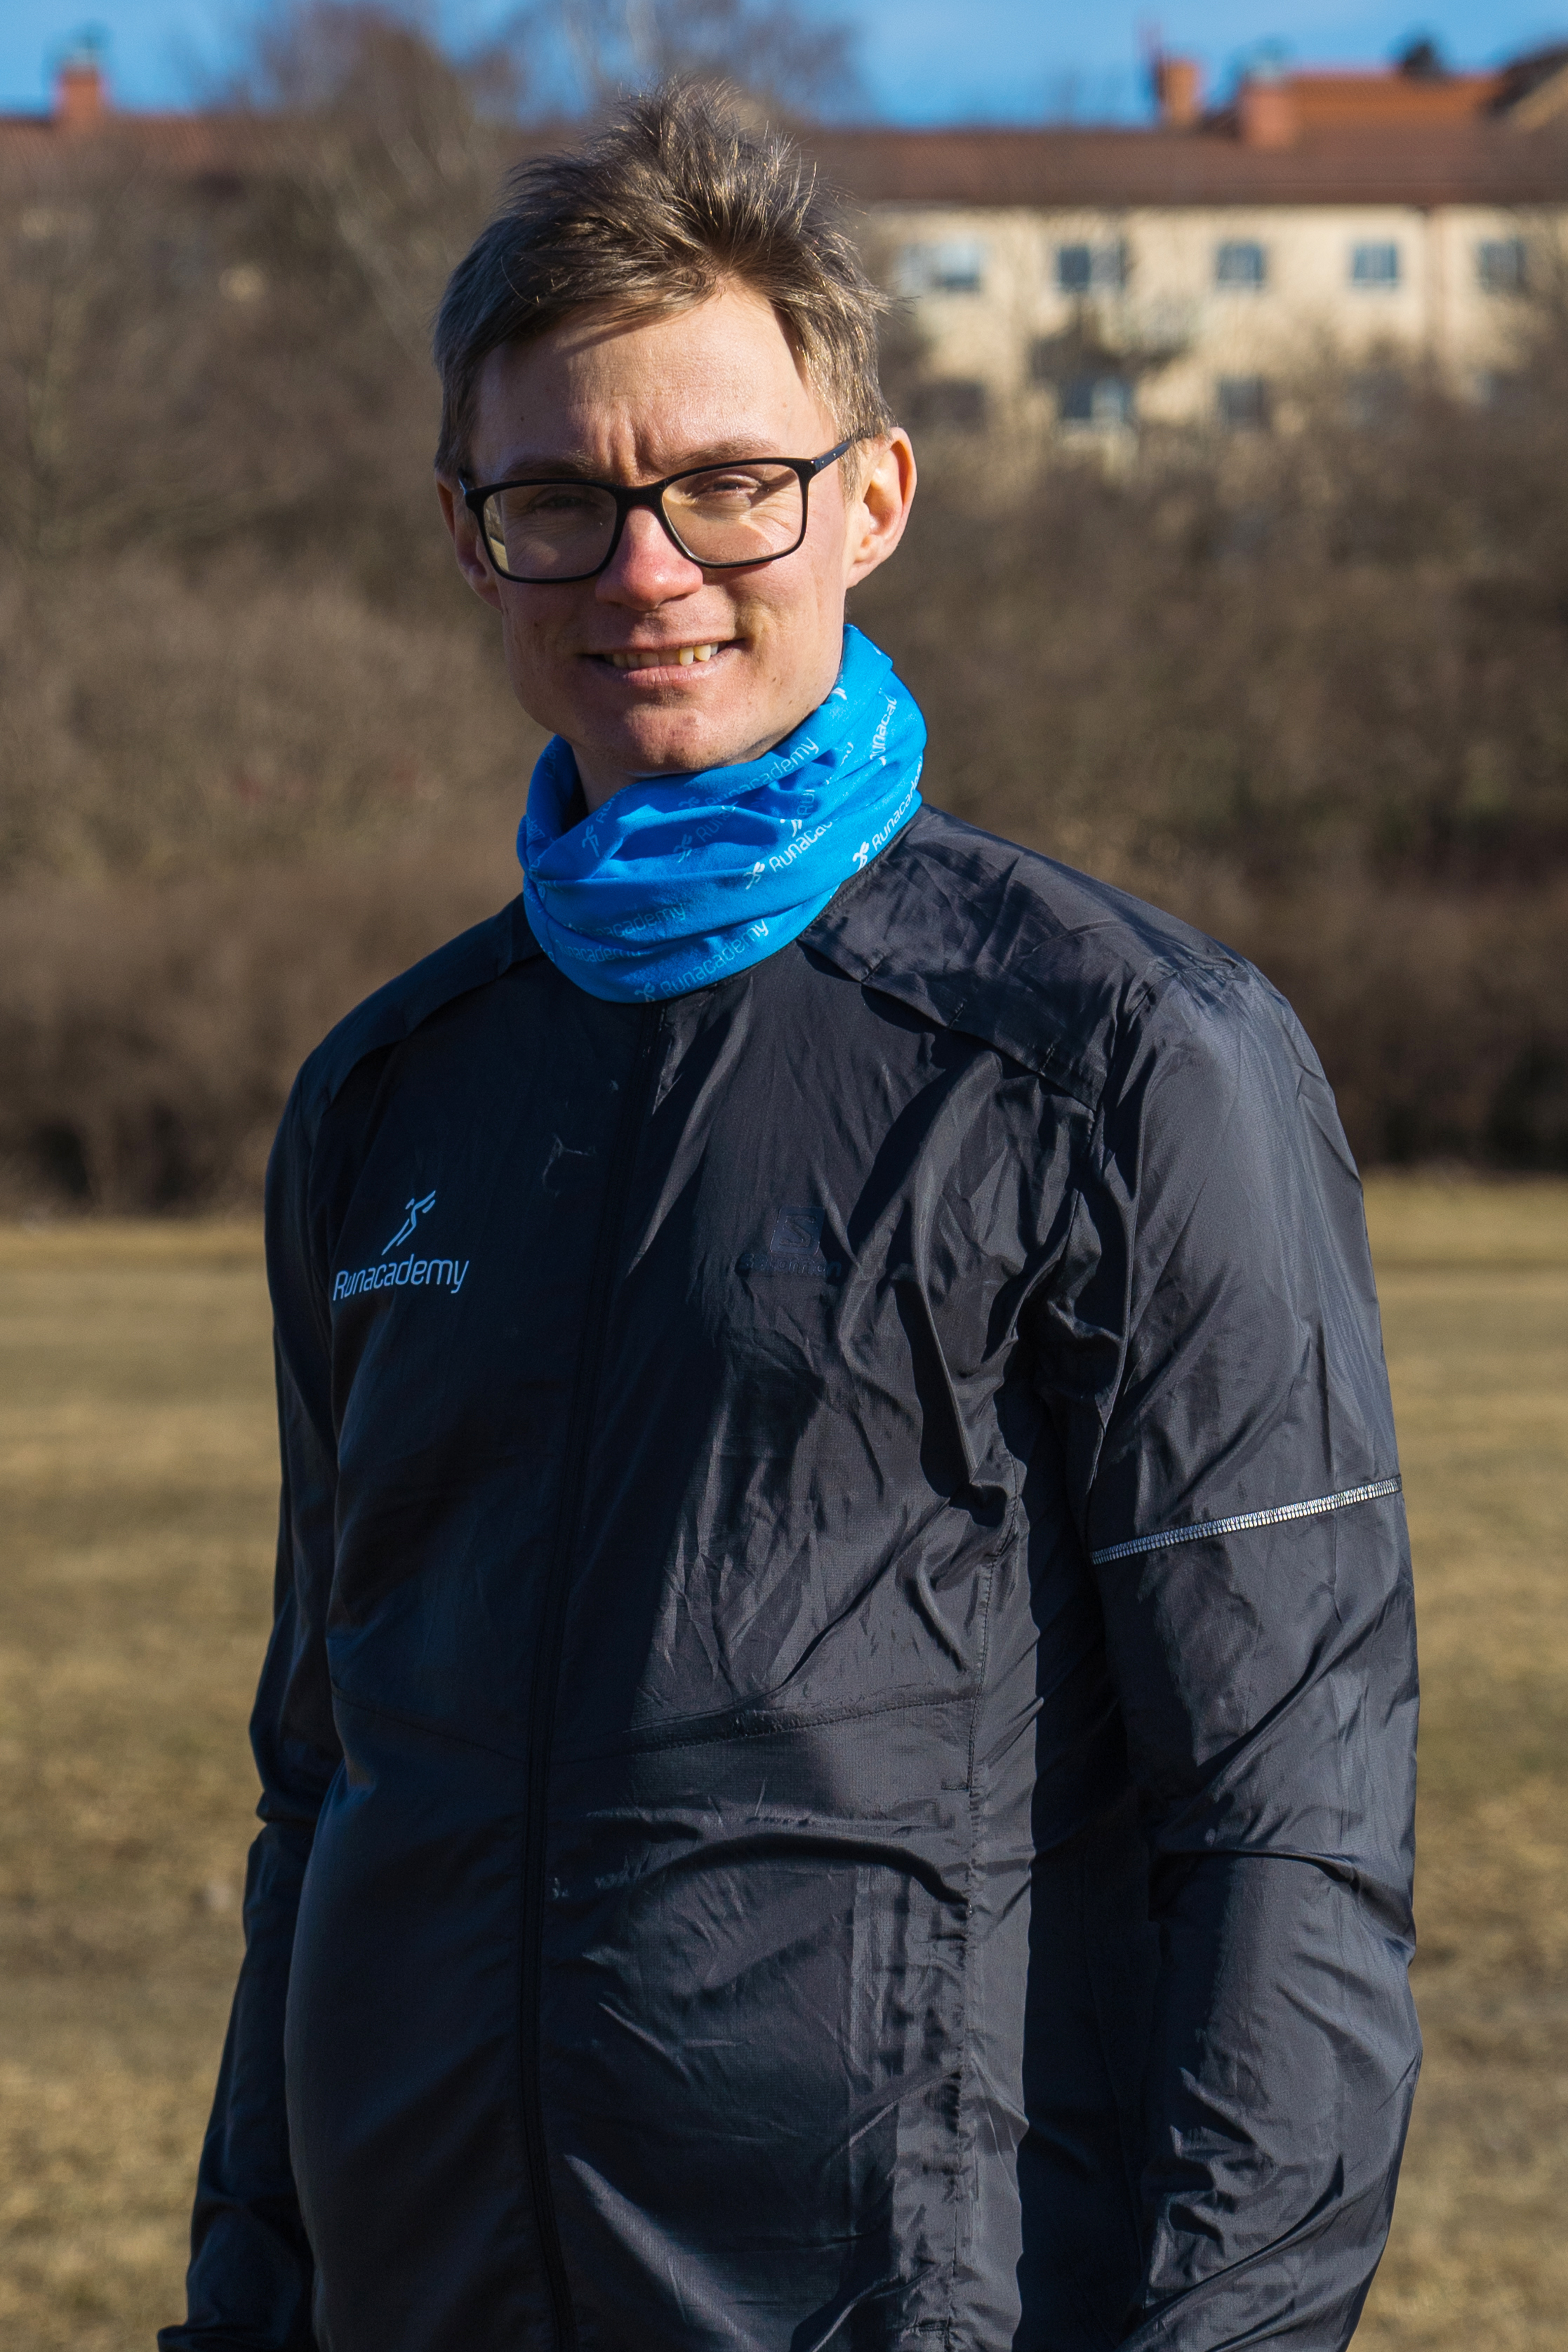 Fredrik Tuvesson